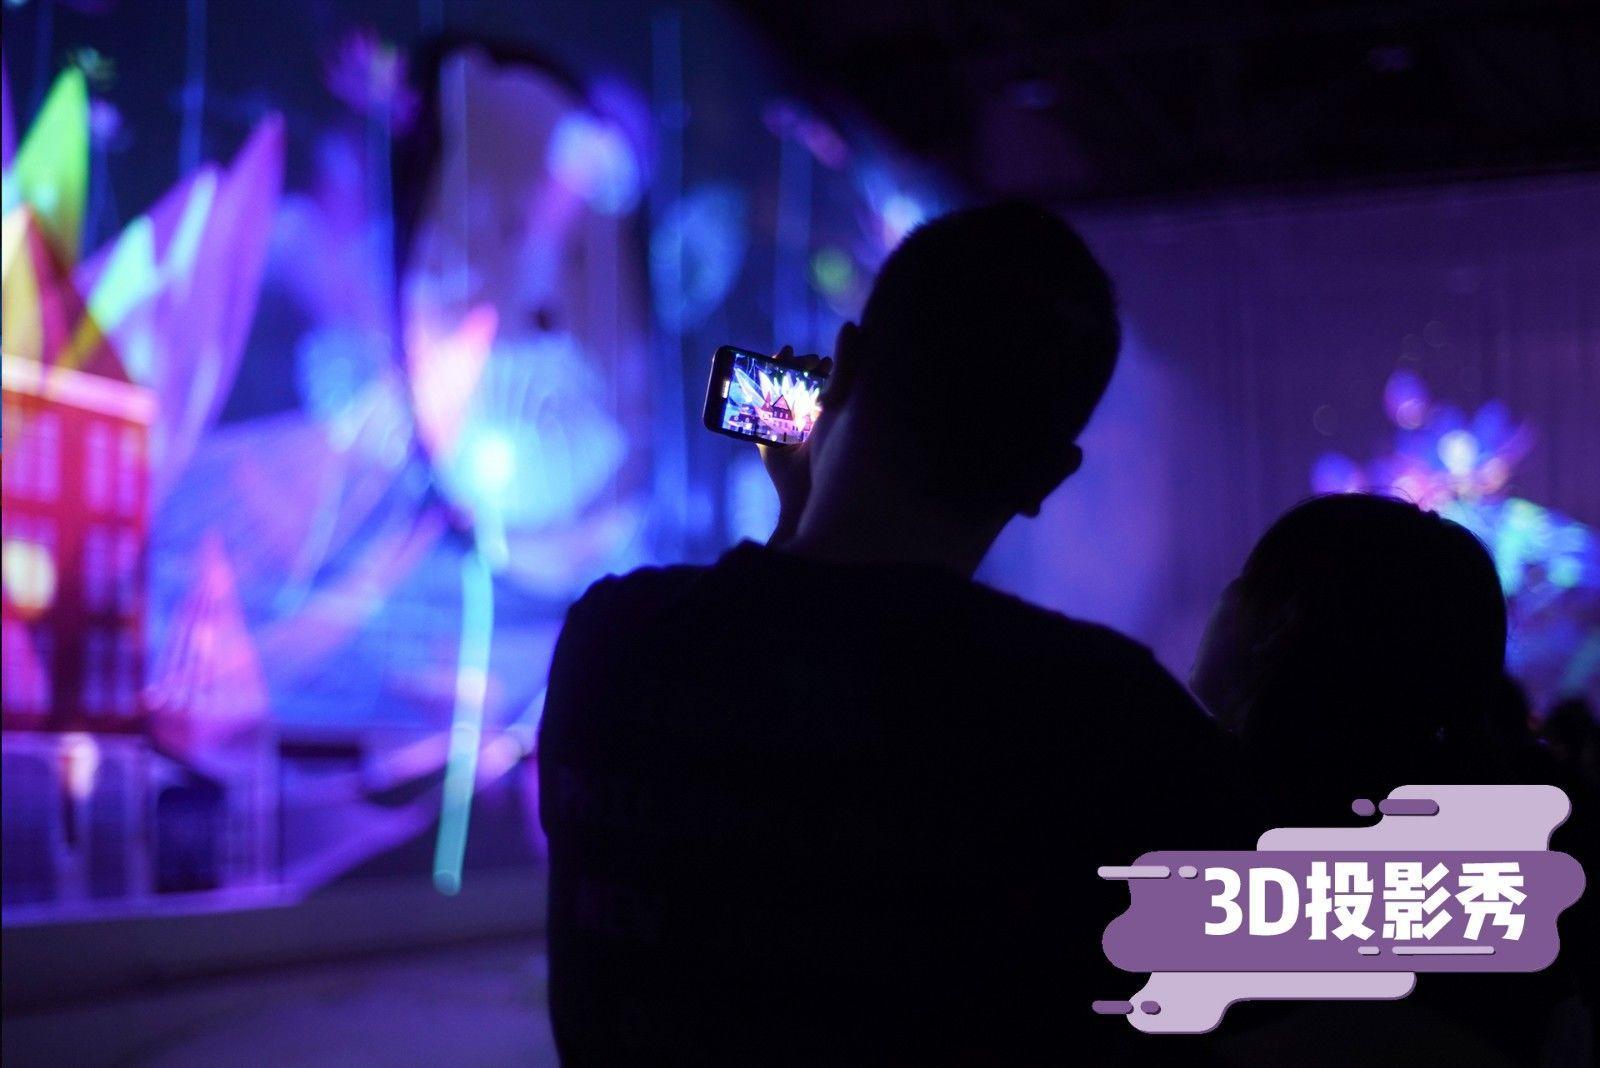 5.3D投影秀.jpg